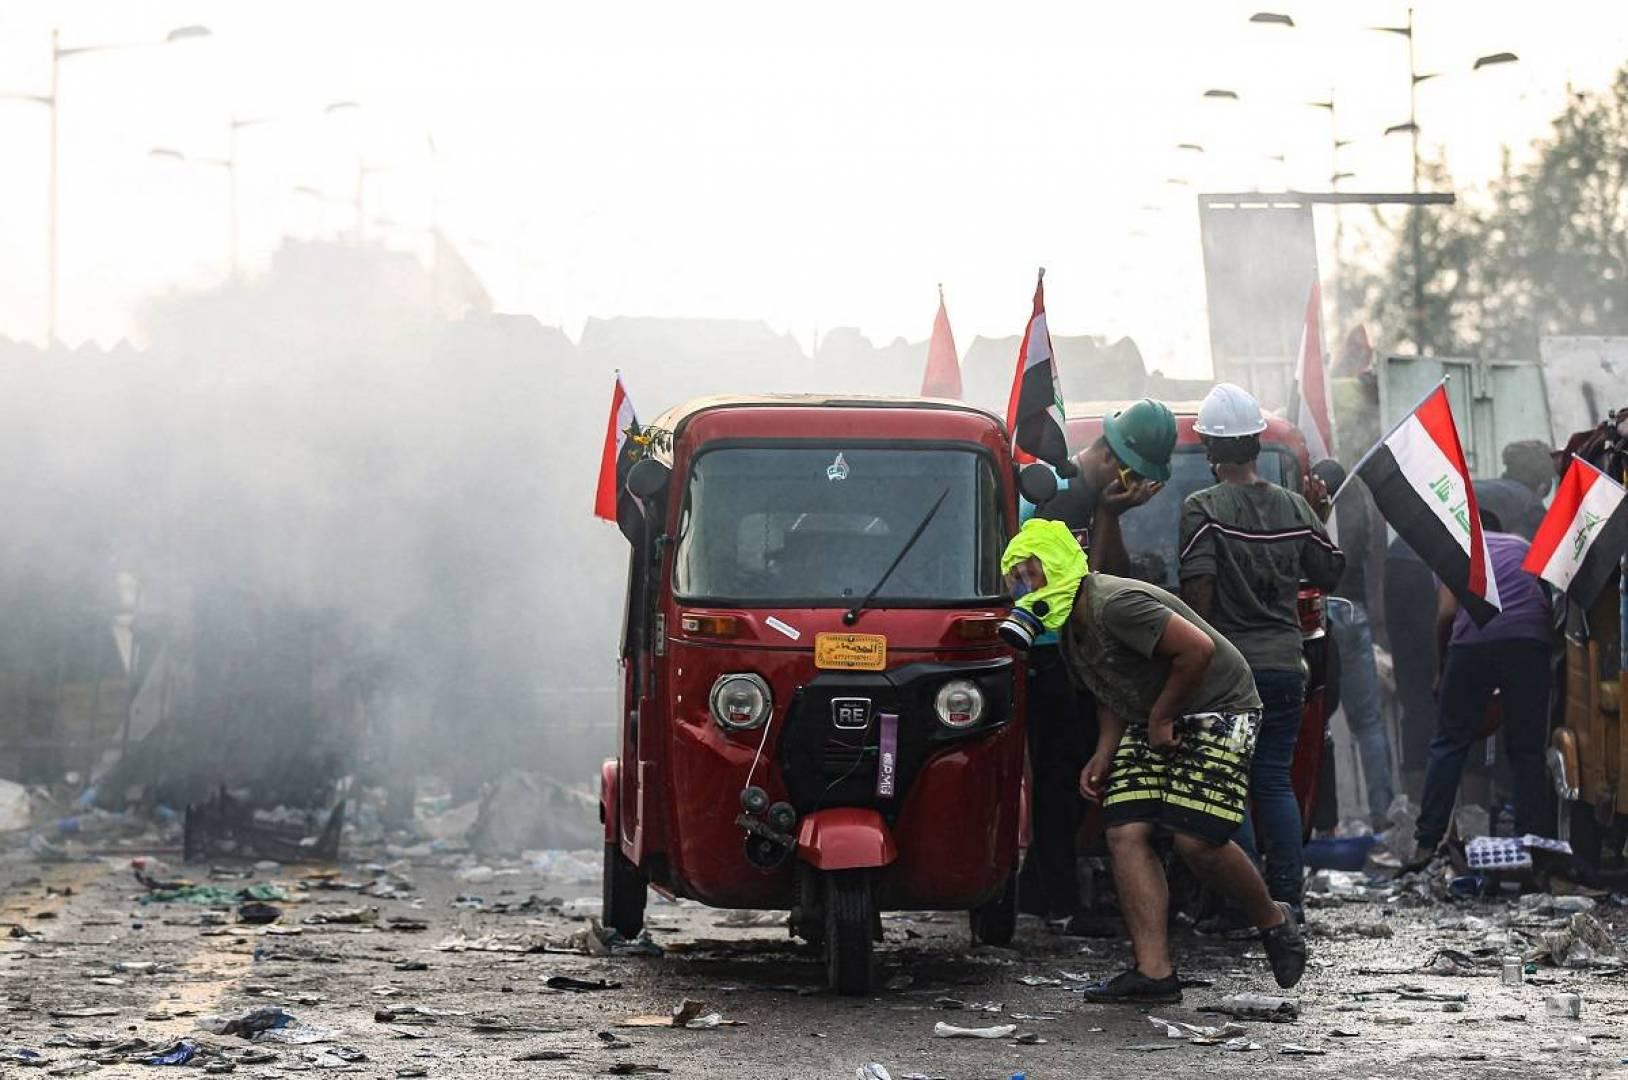 مقتل 4 محتجين برصاص قوات الأمن في البصرة جنوب العراق